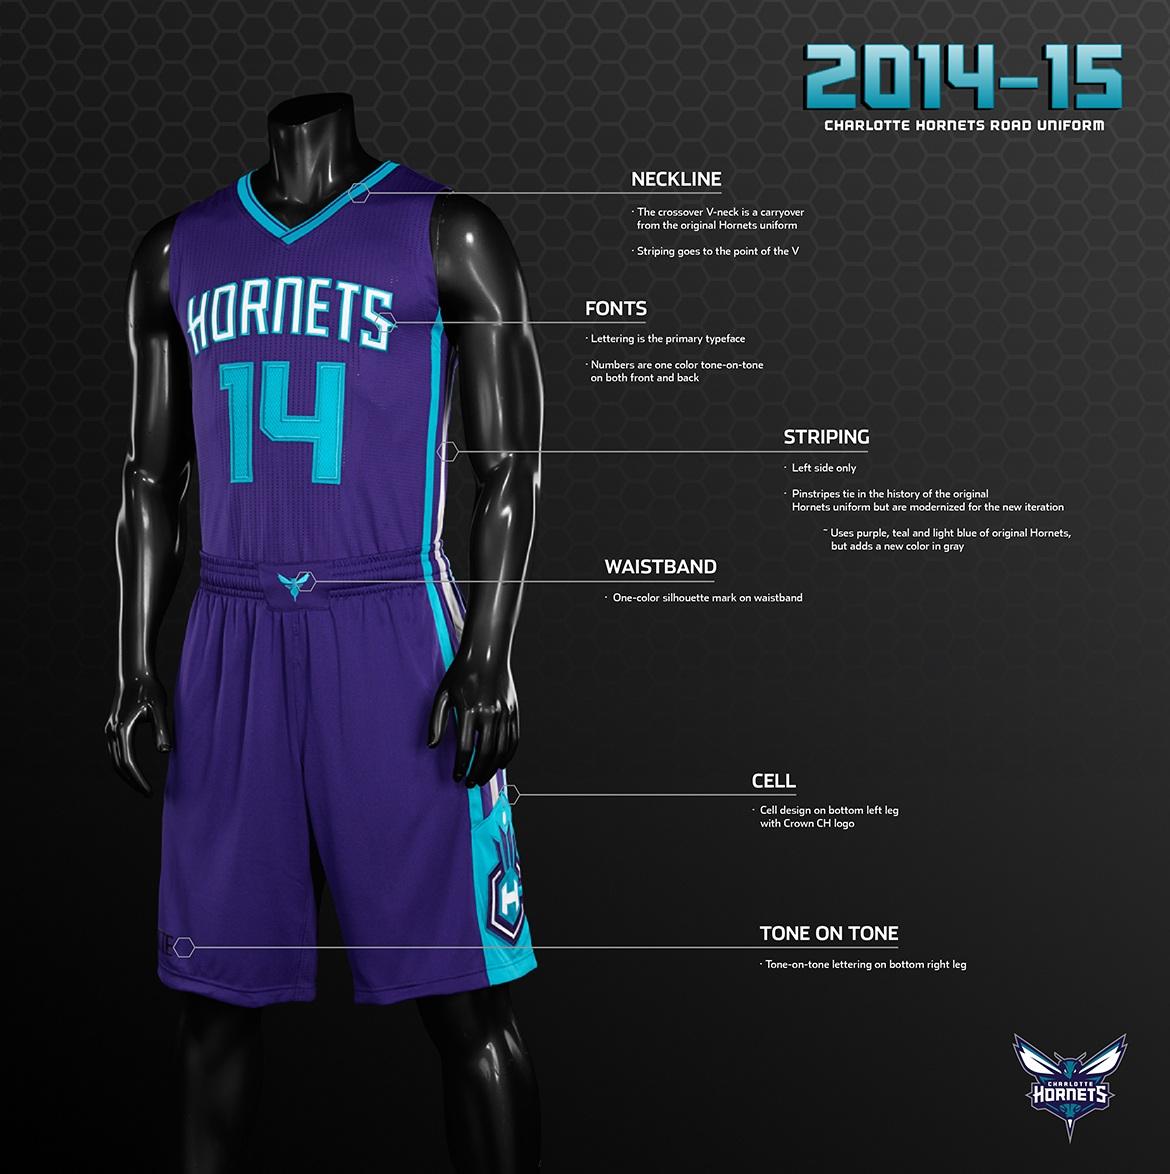 outlet store sale ccc07 fd586 NBA: Charlotte Hornets unveil 3 new uniforms   Dilemma X